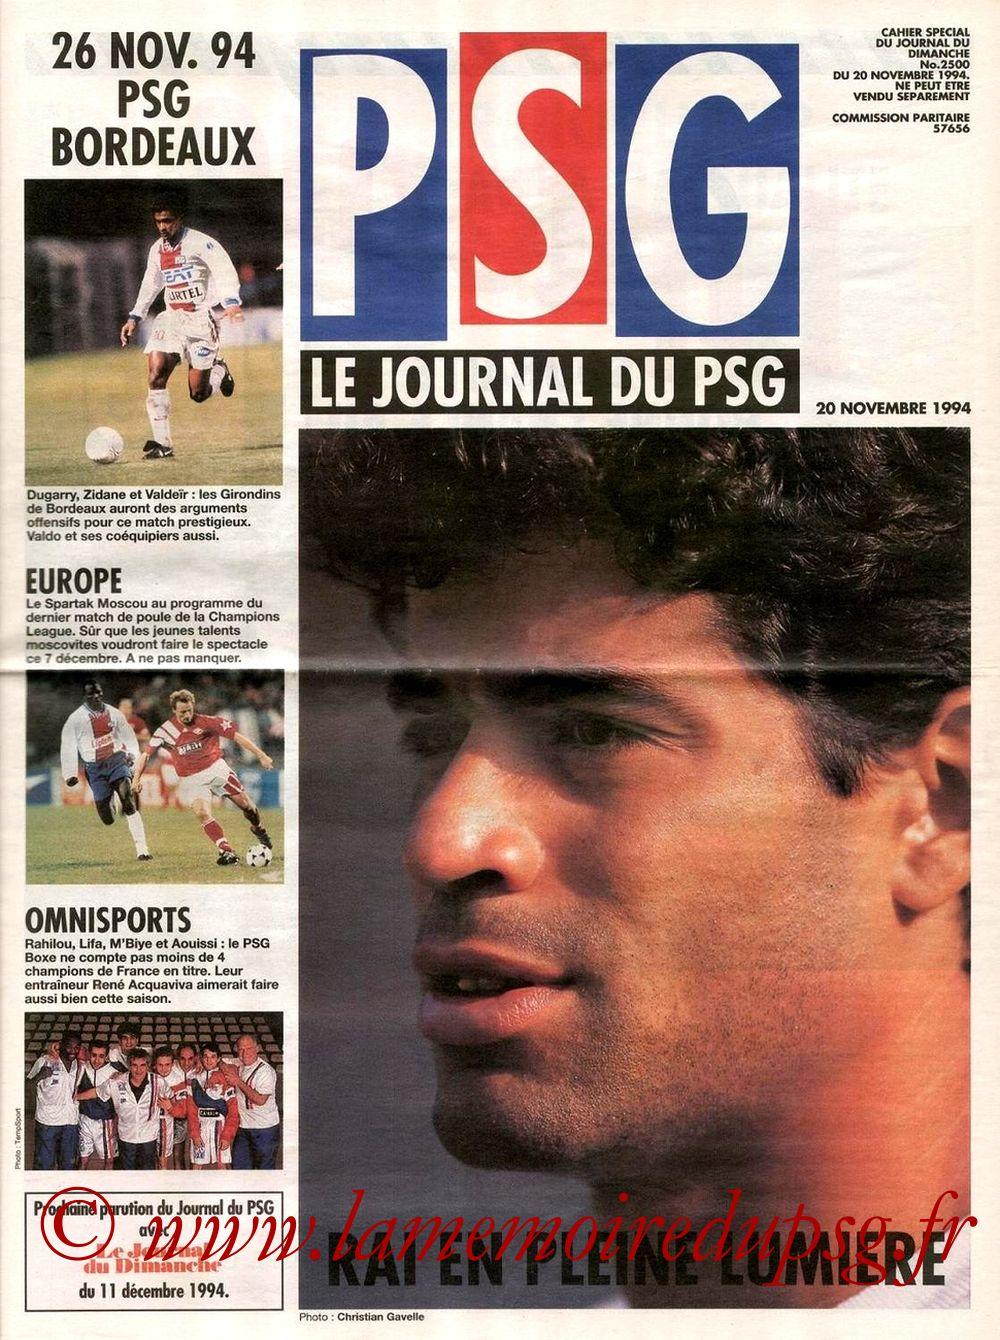 1994-12-07  PSG-Spartak Moscou (6ème Poule C1, Le journal du PSG N°8)